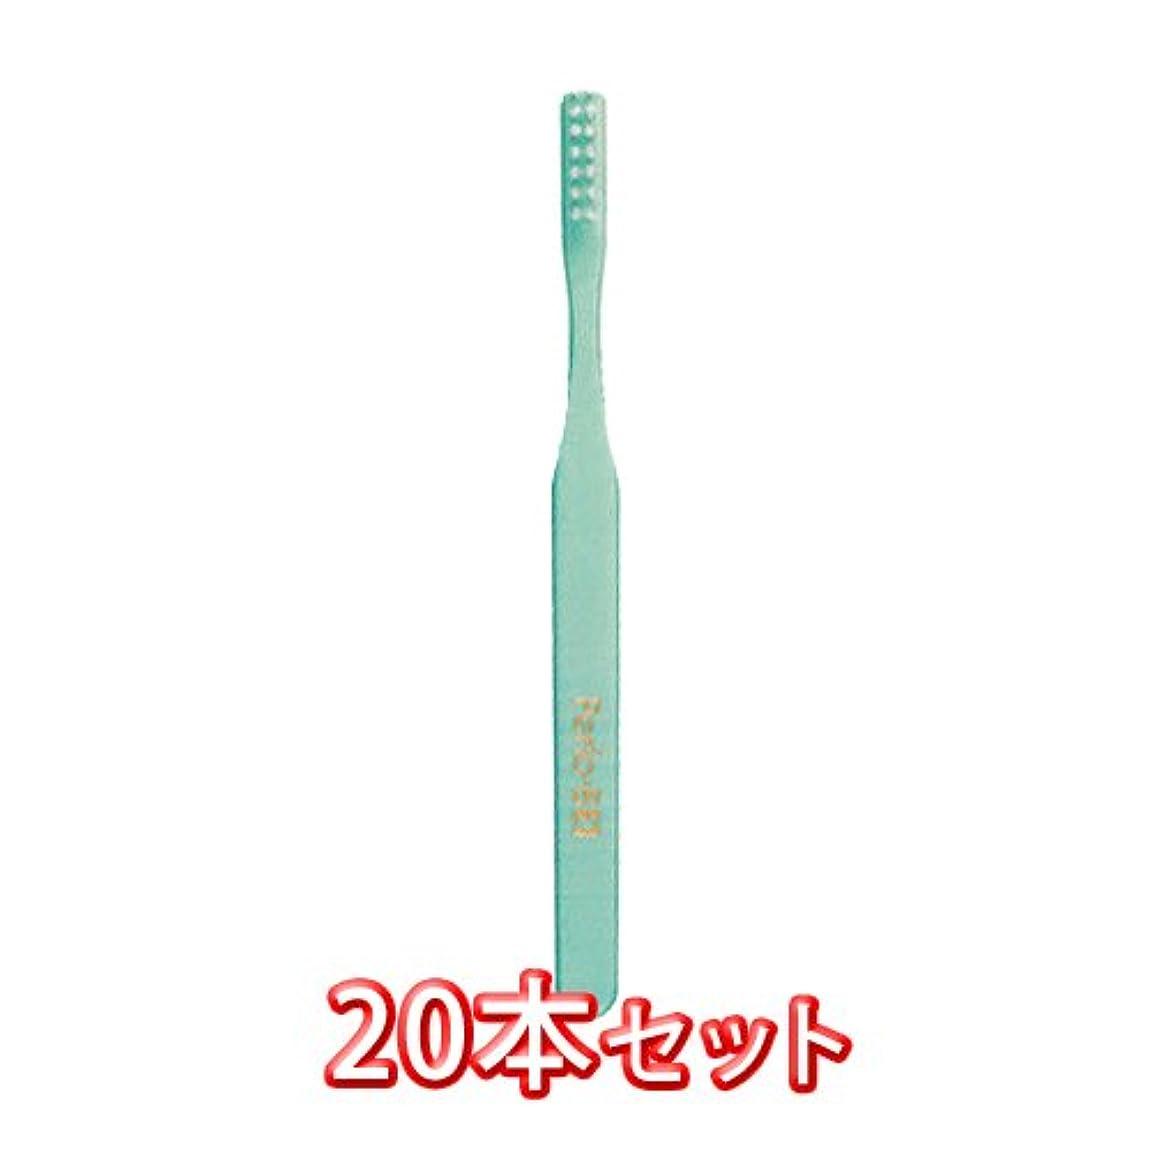 原因すでにサンスター ペリオ歯ブラシ 20本入 ぺリオB2